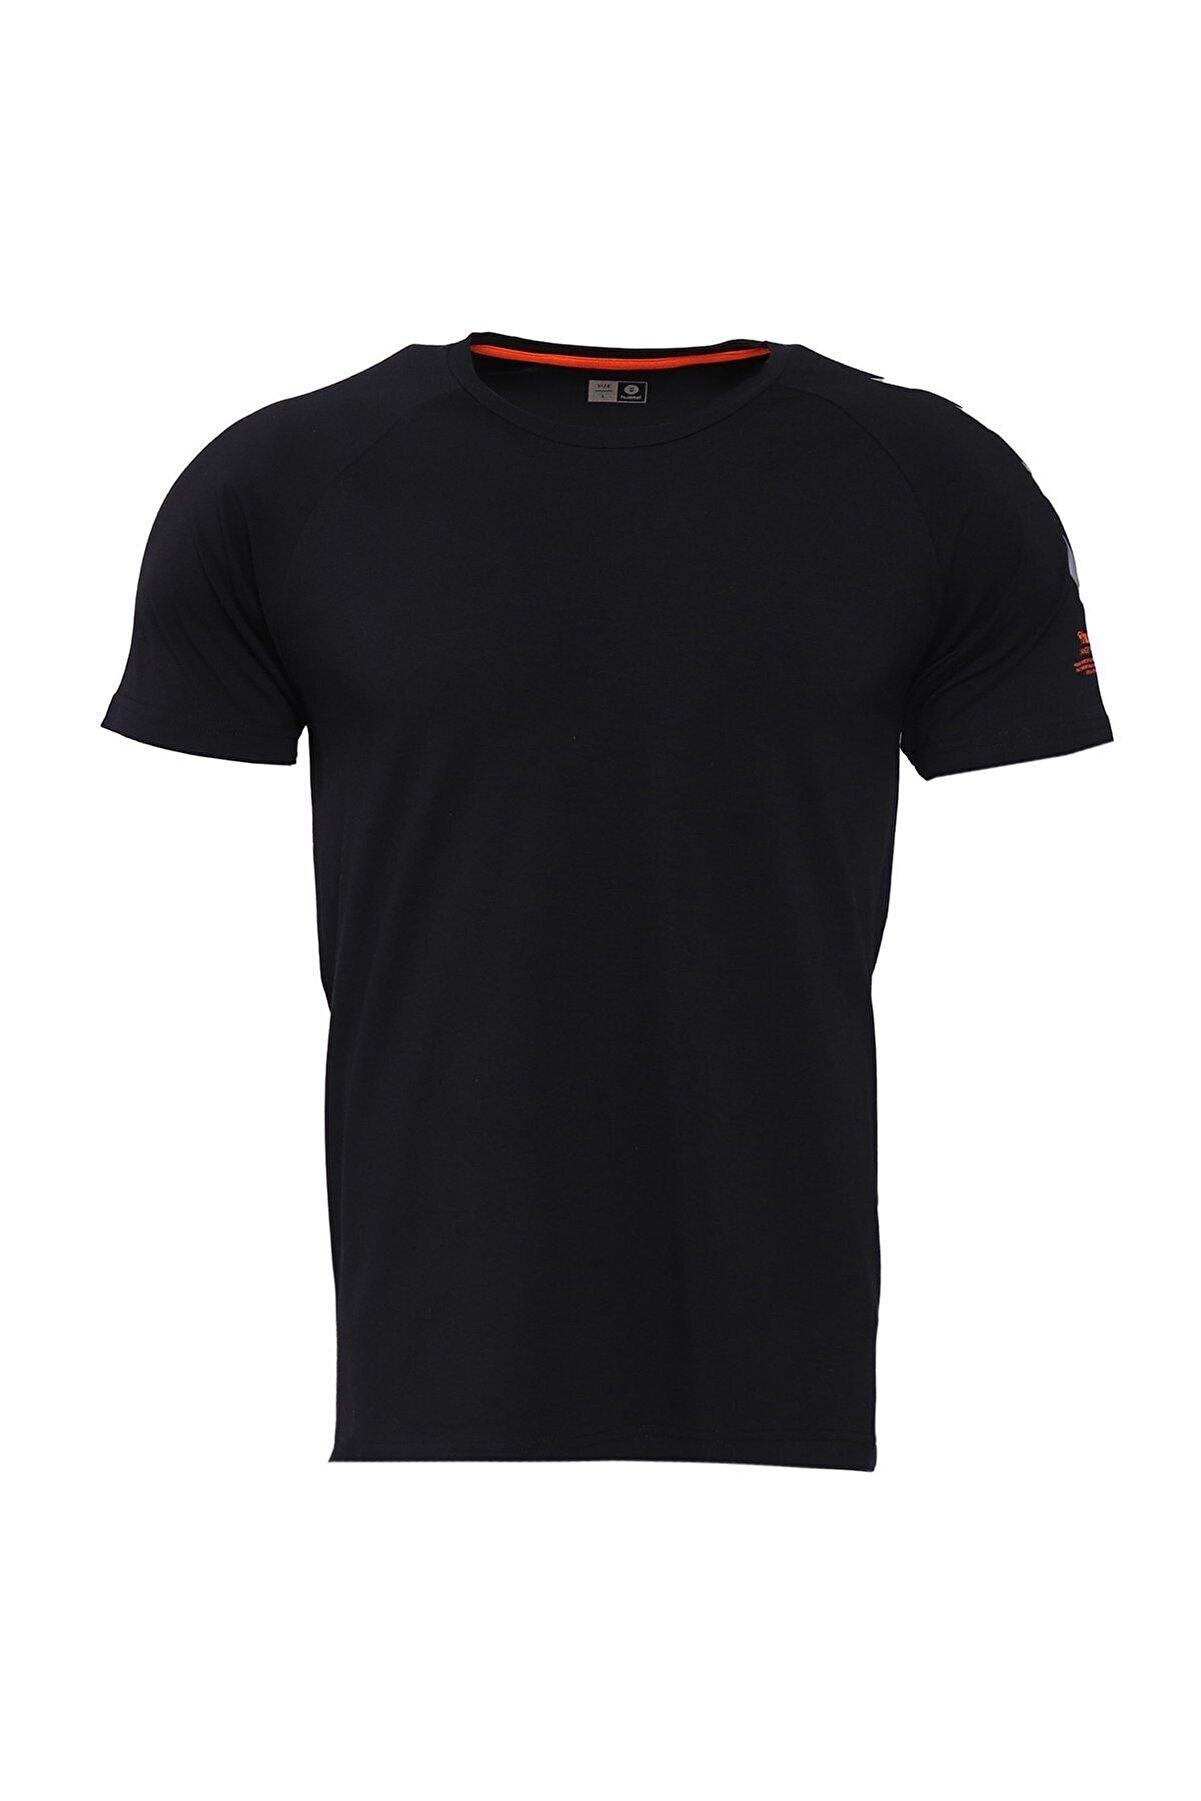 HUMMEL HMLPETTE T-SHIRT S/S Siyah Erkek T-Shirt 101086317